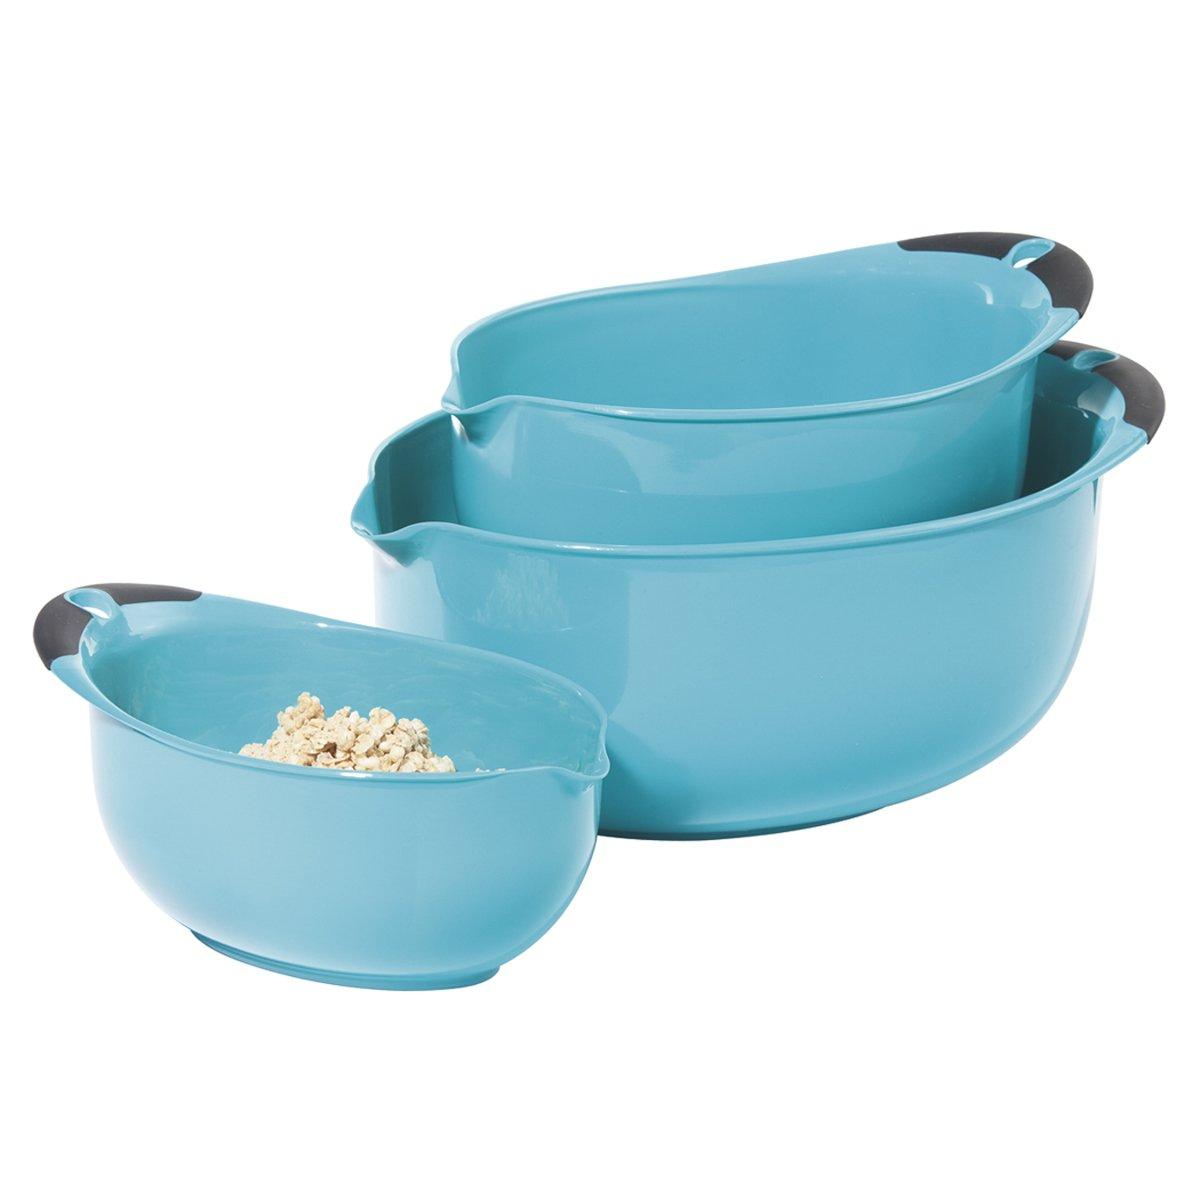 Oggi 3-Piece Oval Mixing Bowl Set, Aqua